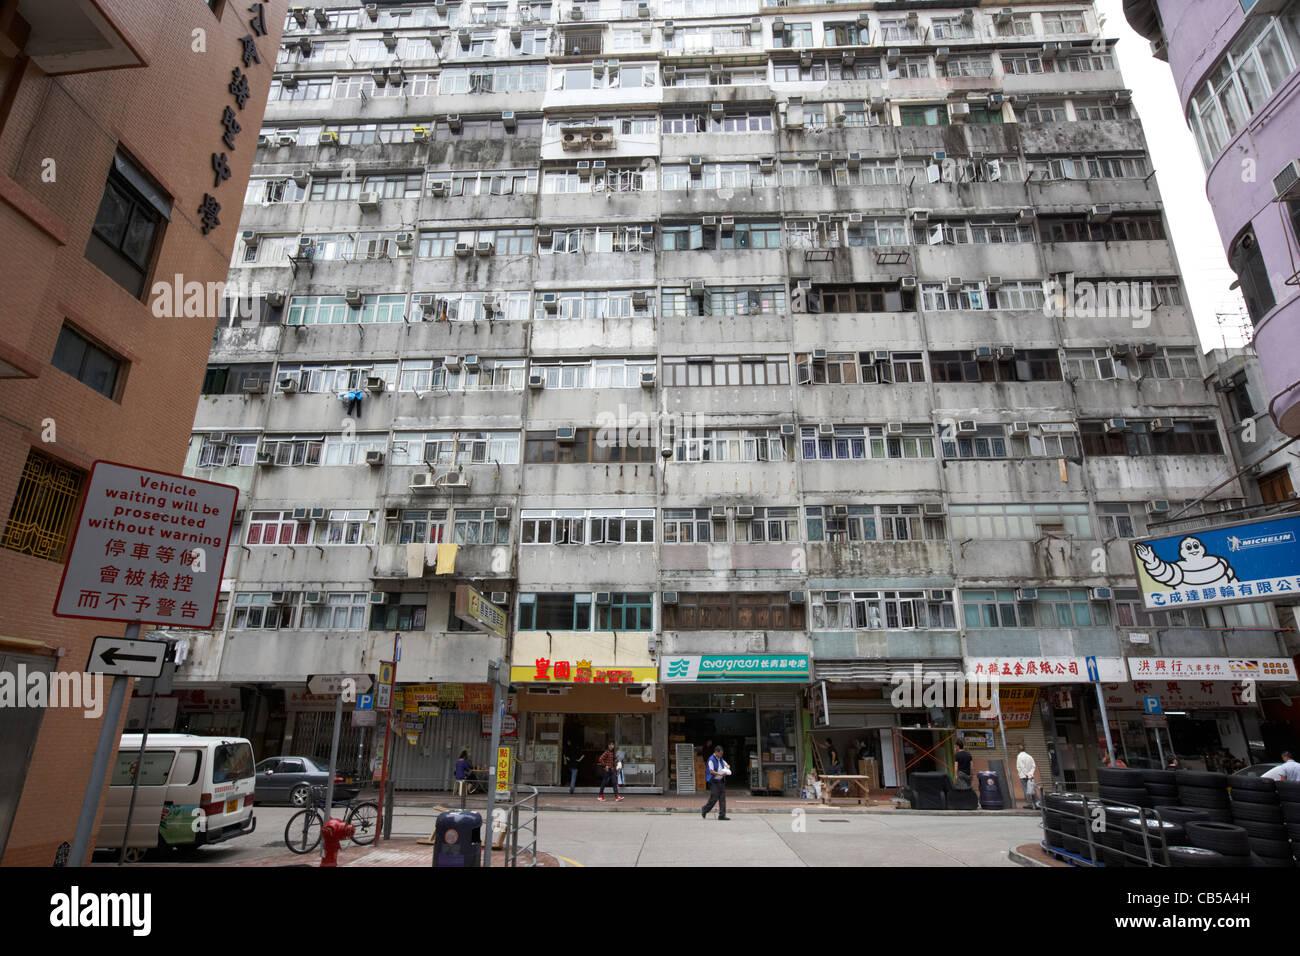 high density old apartment building in mong kok district kowloon hong kong hksar china - Stock Image